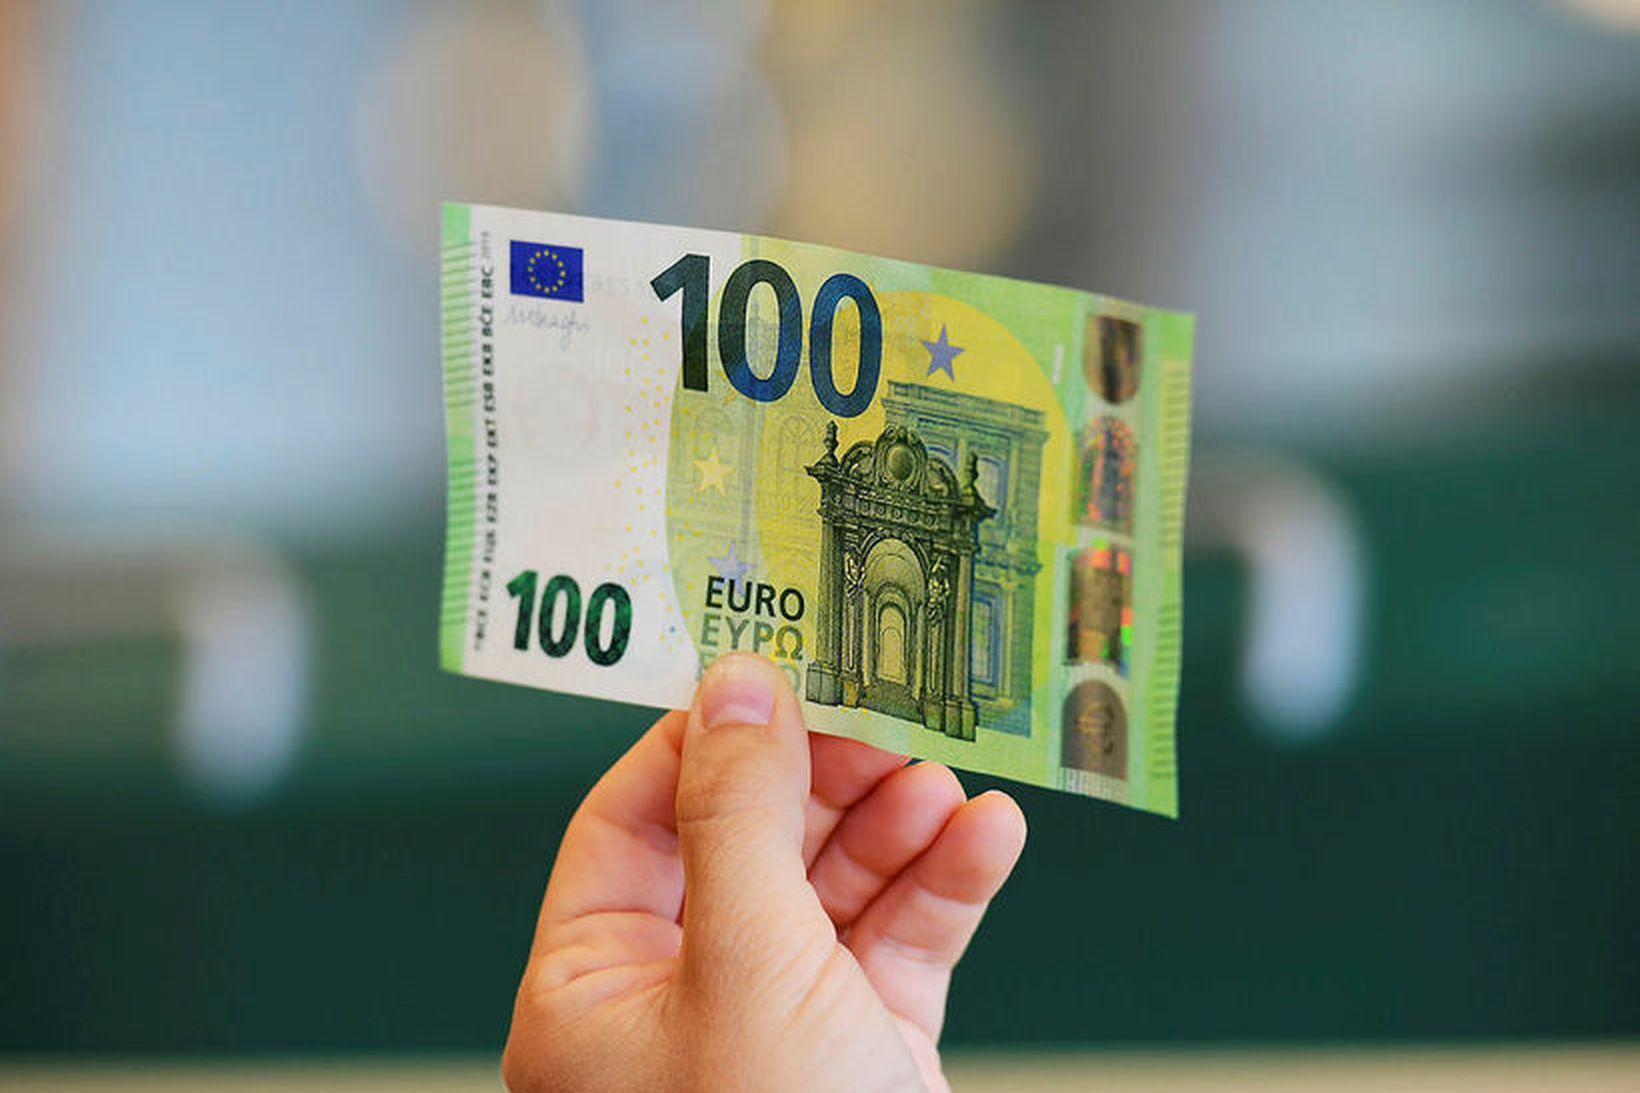 Seðlabankinn seldi 3 milljónir evra upp á hvern einasta viðskiptadag …